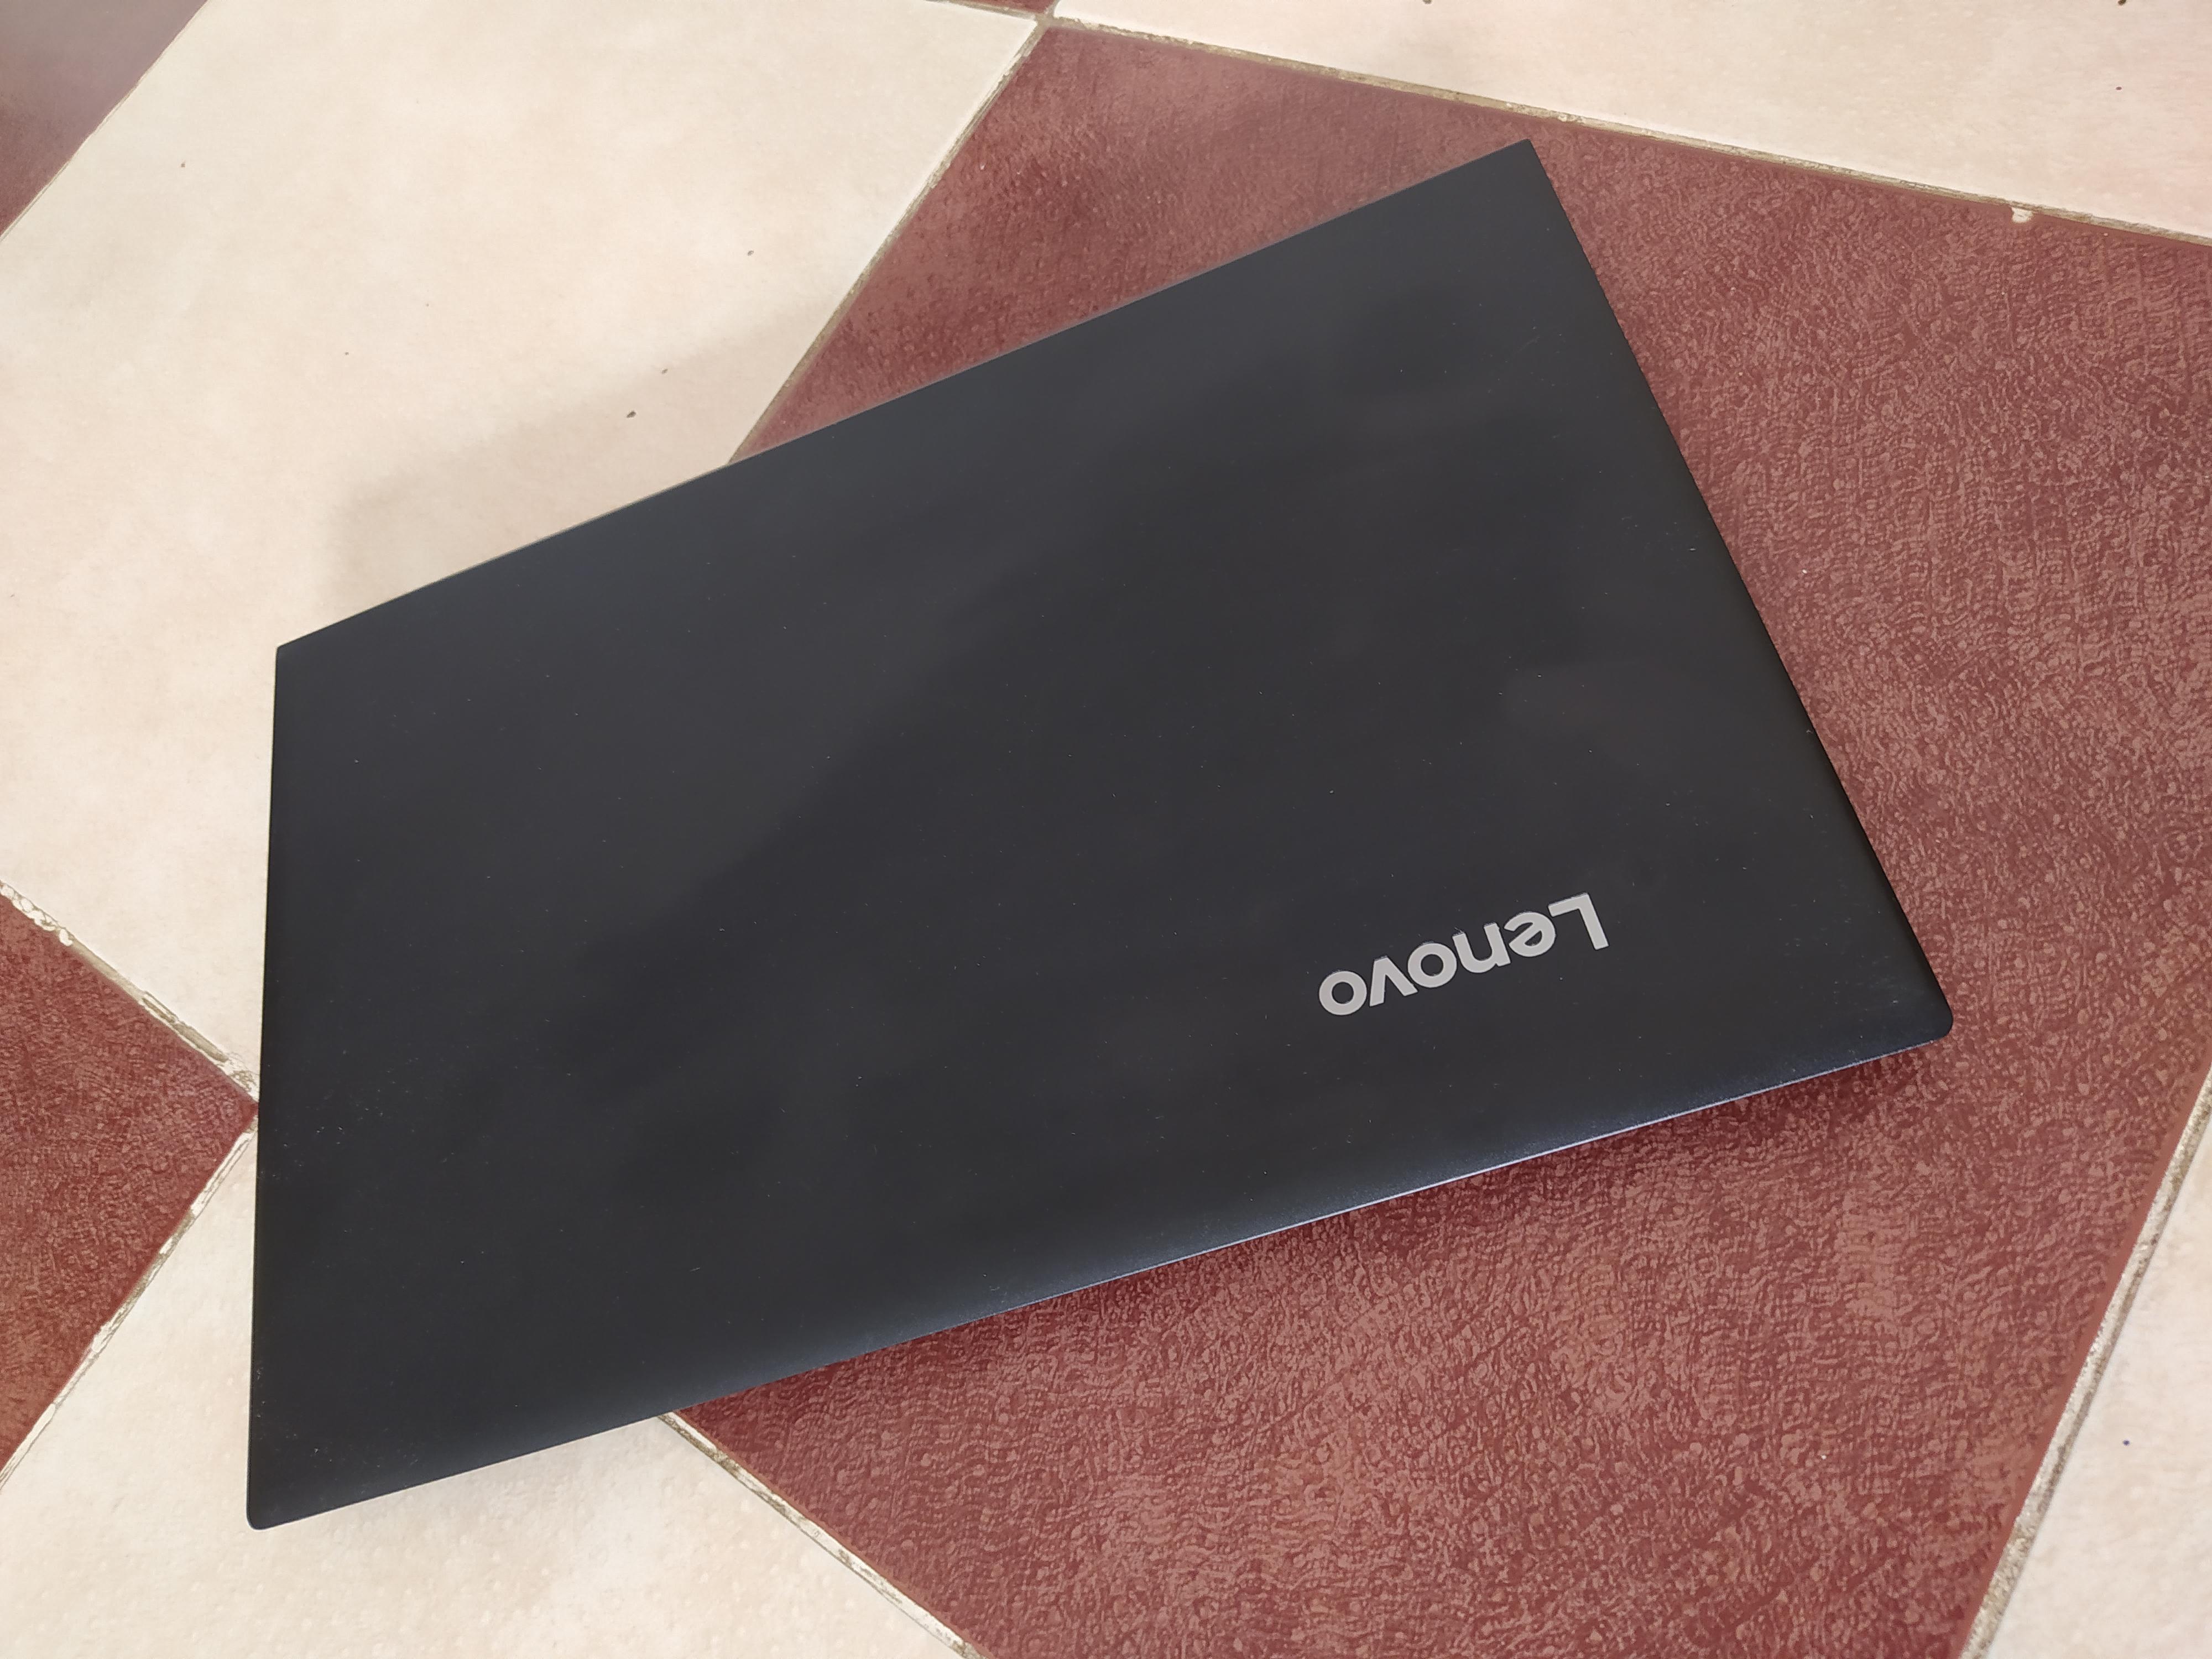 Vente Pc Portable Lenovo ouedkniss